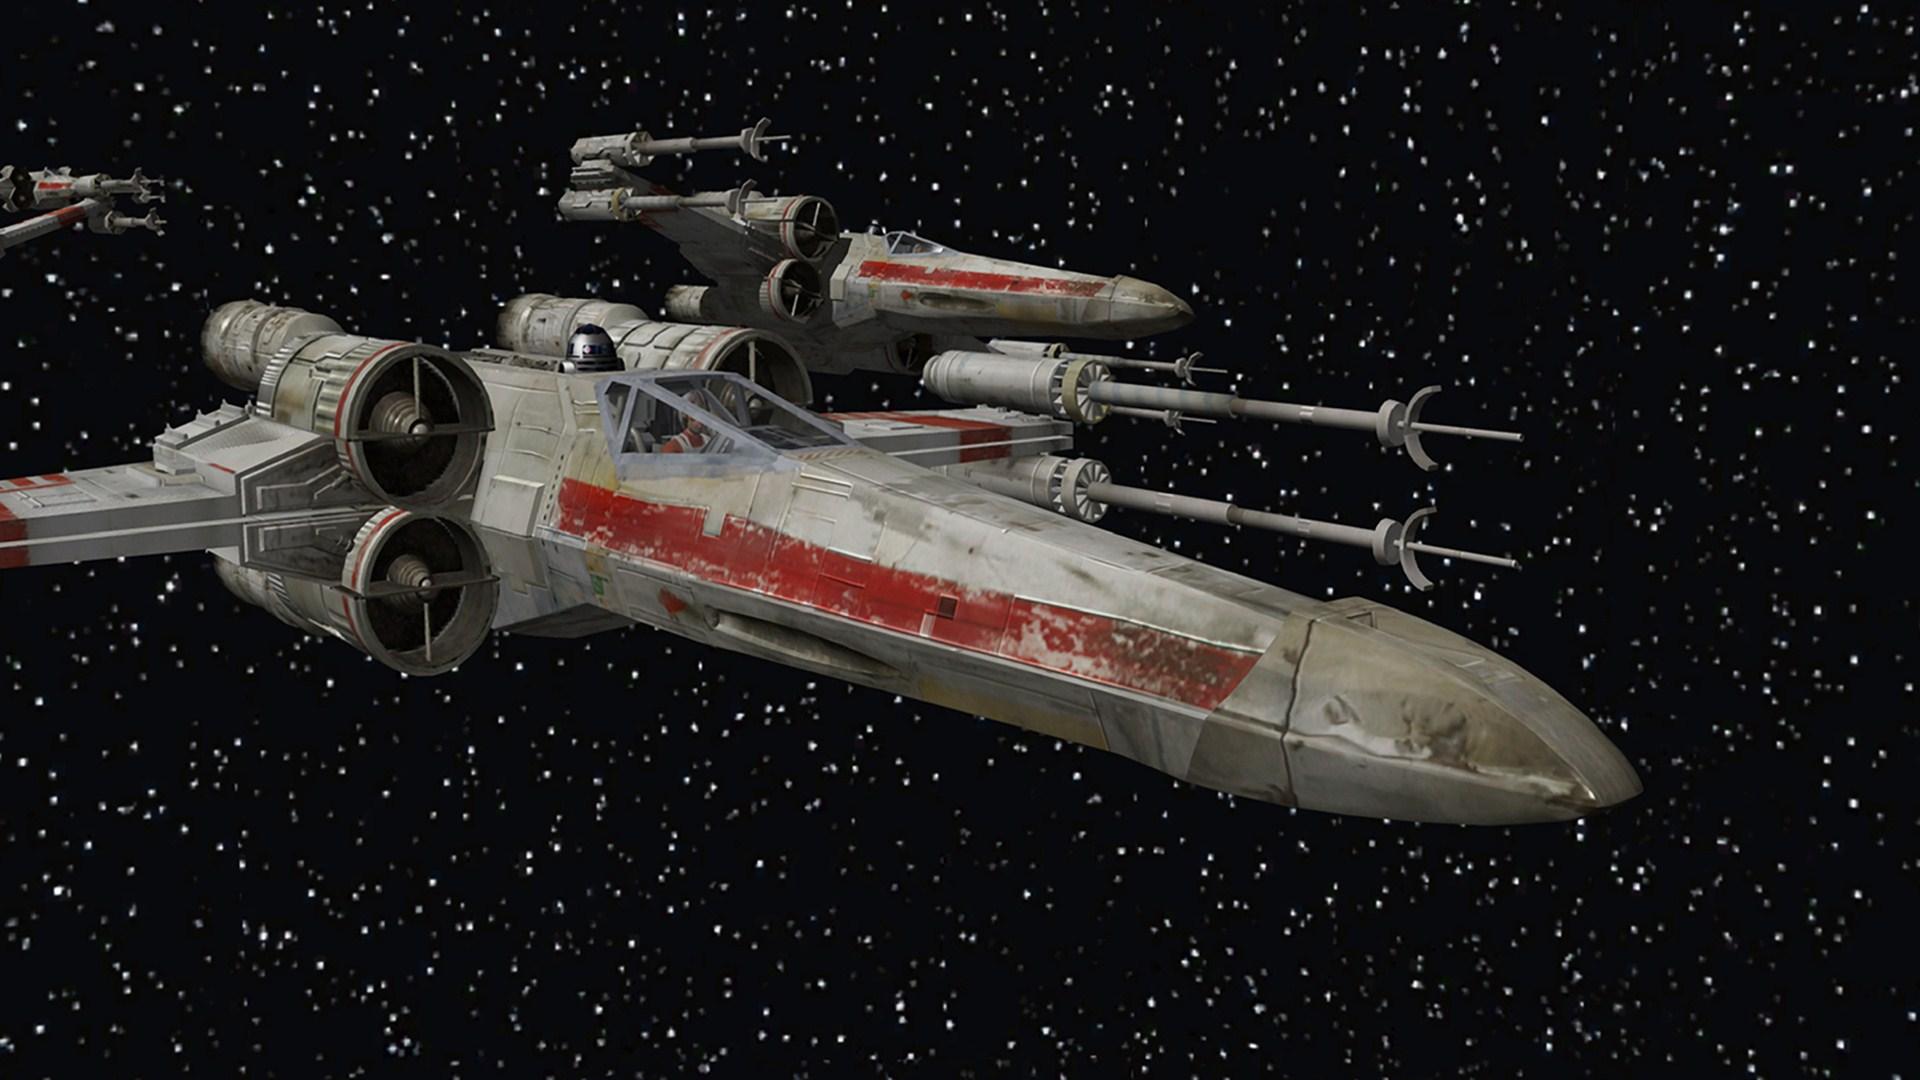 23 234850 high resolution star wars wallpaper 1392434 spaceplane